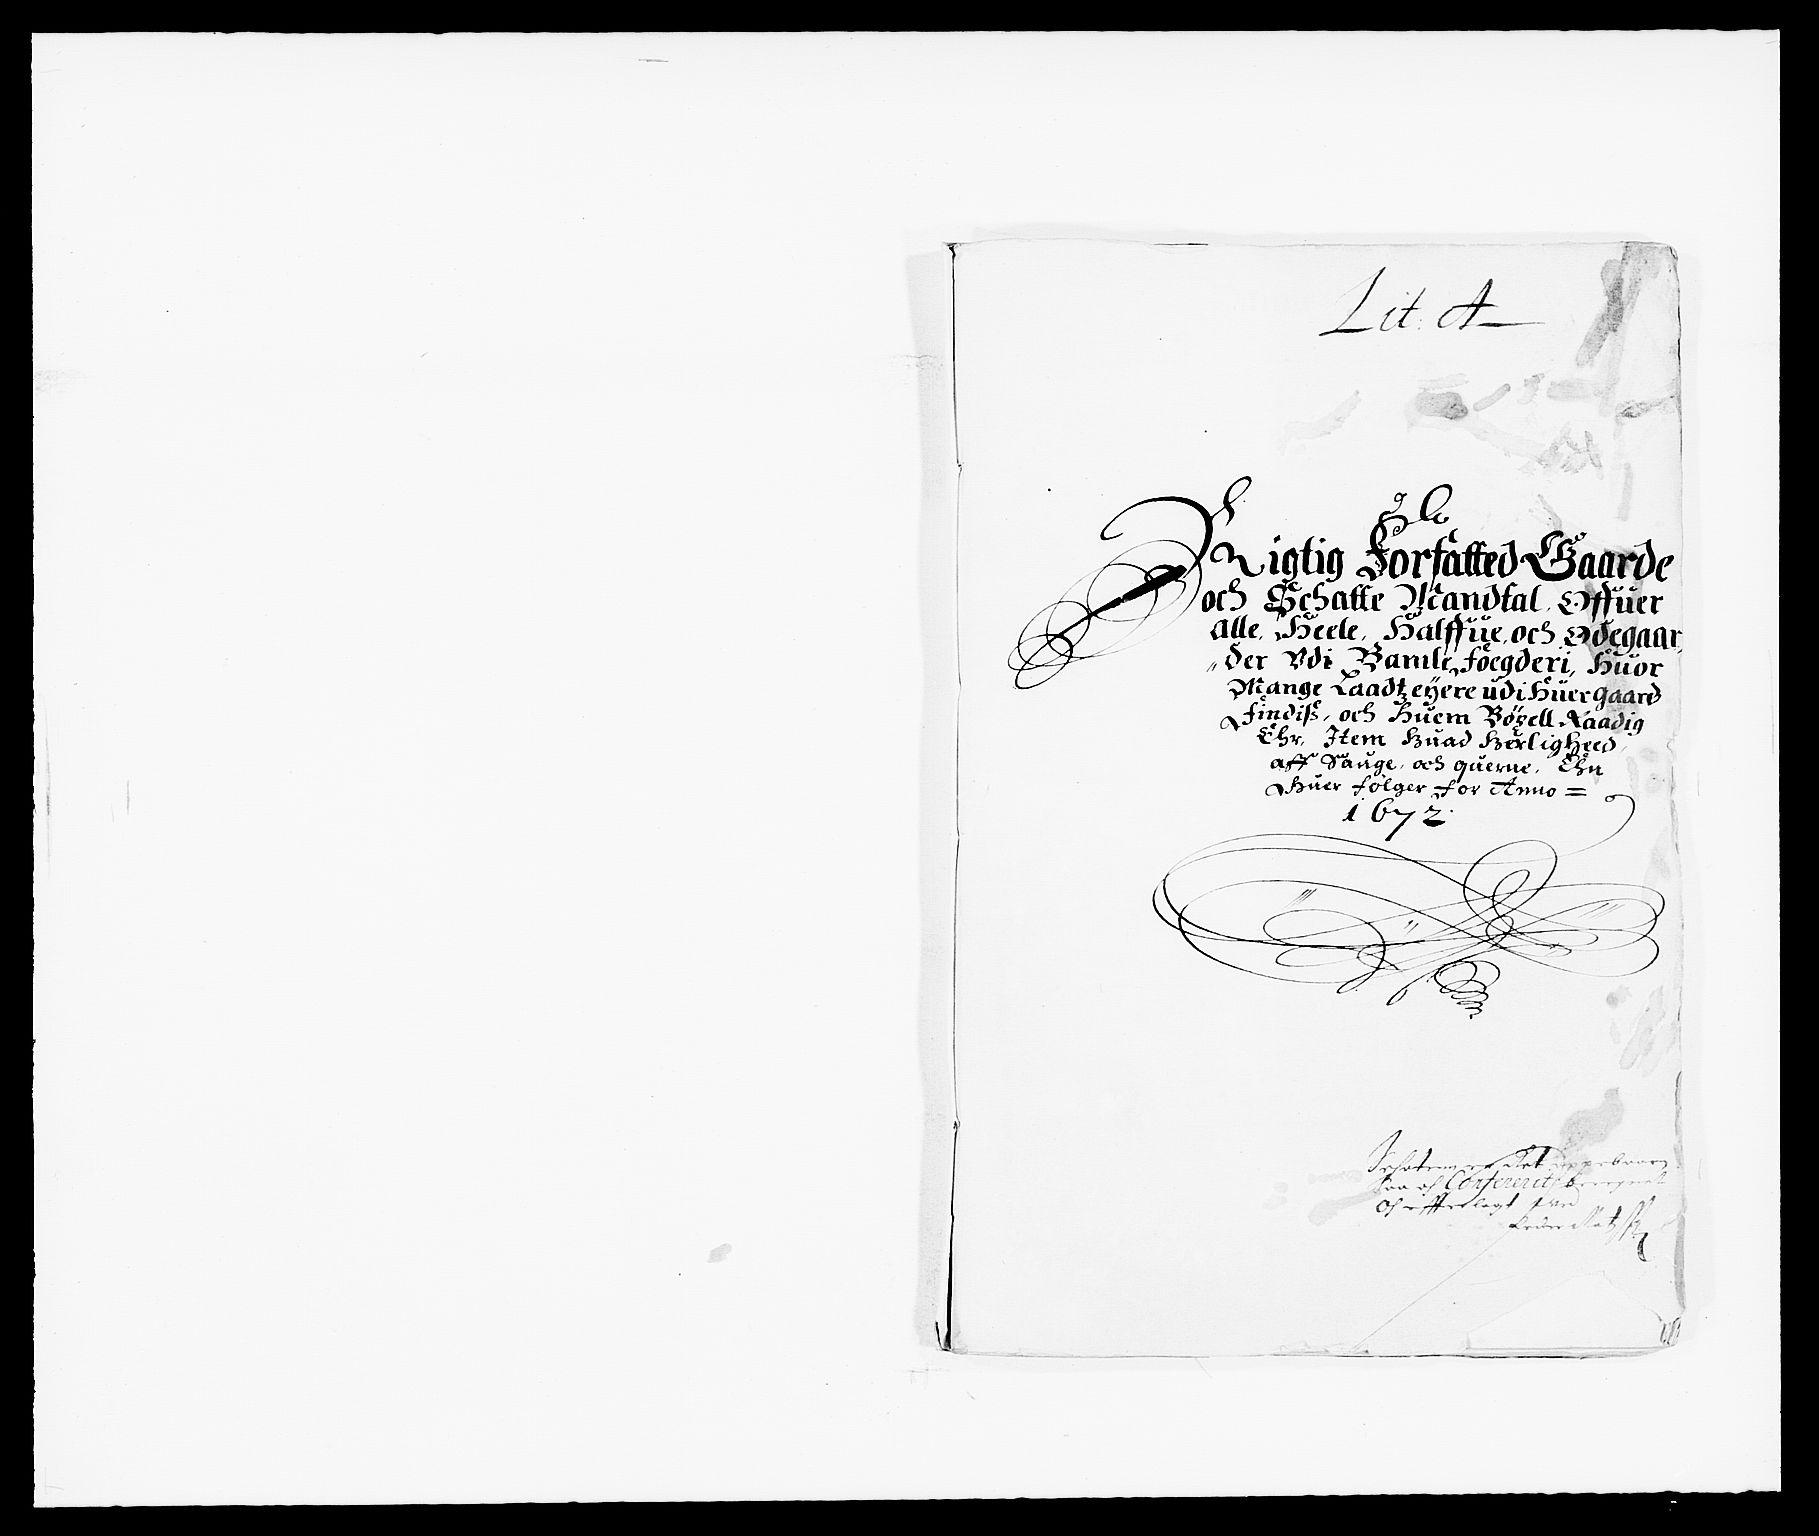 RA, Rentekammeret inntil 1814, Reviderte regnskaper, Fogderegnskap, R34/L2041: Fogderegnskap Bamble, 1670-1672, s. 257